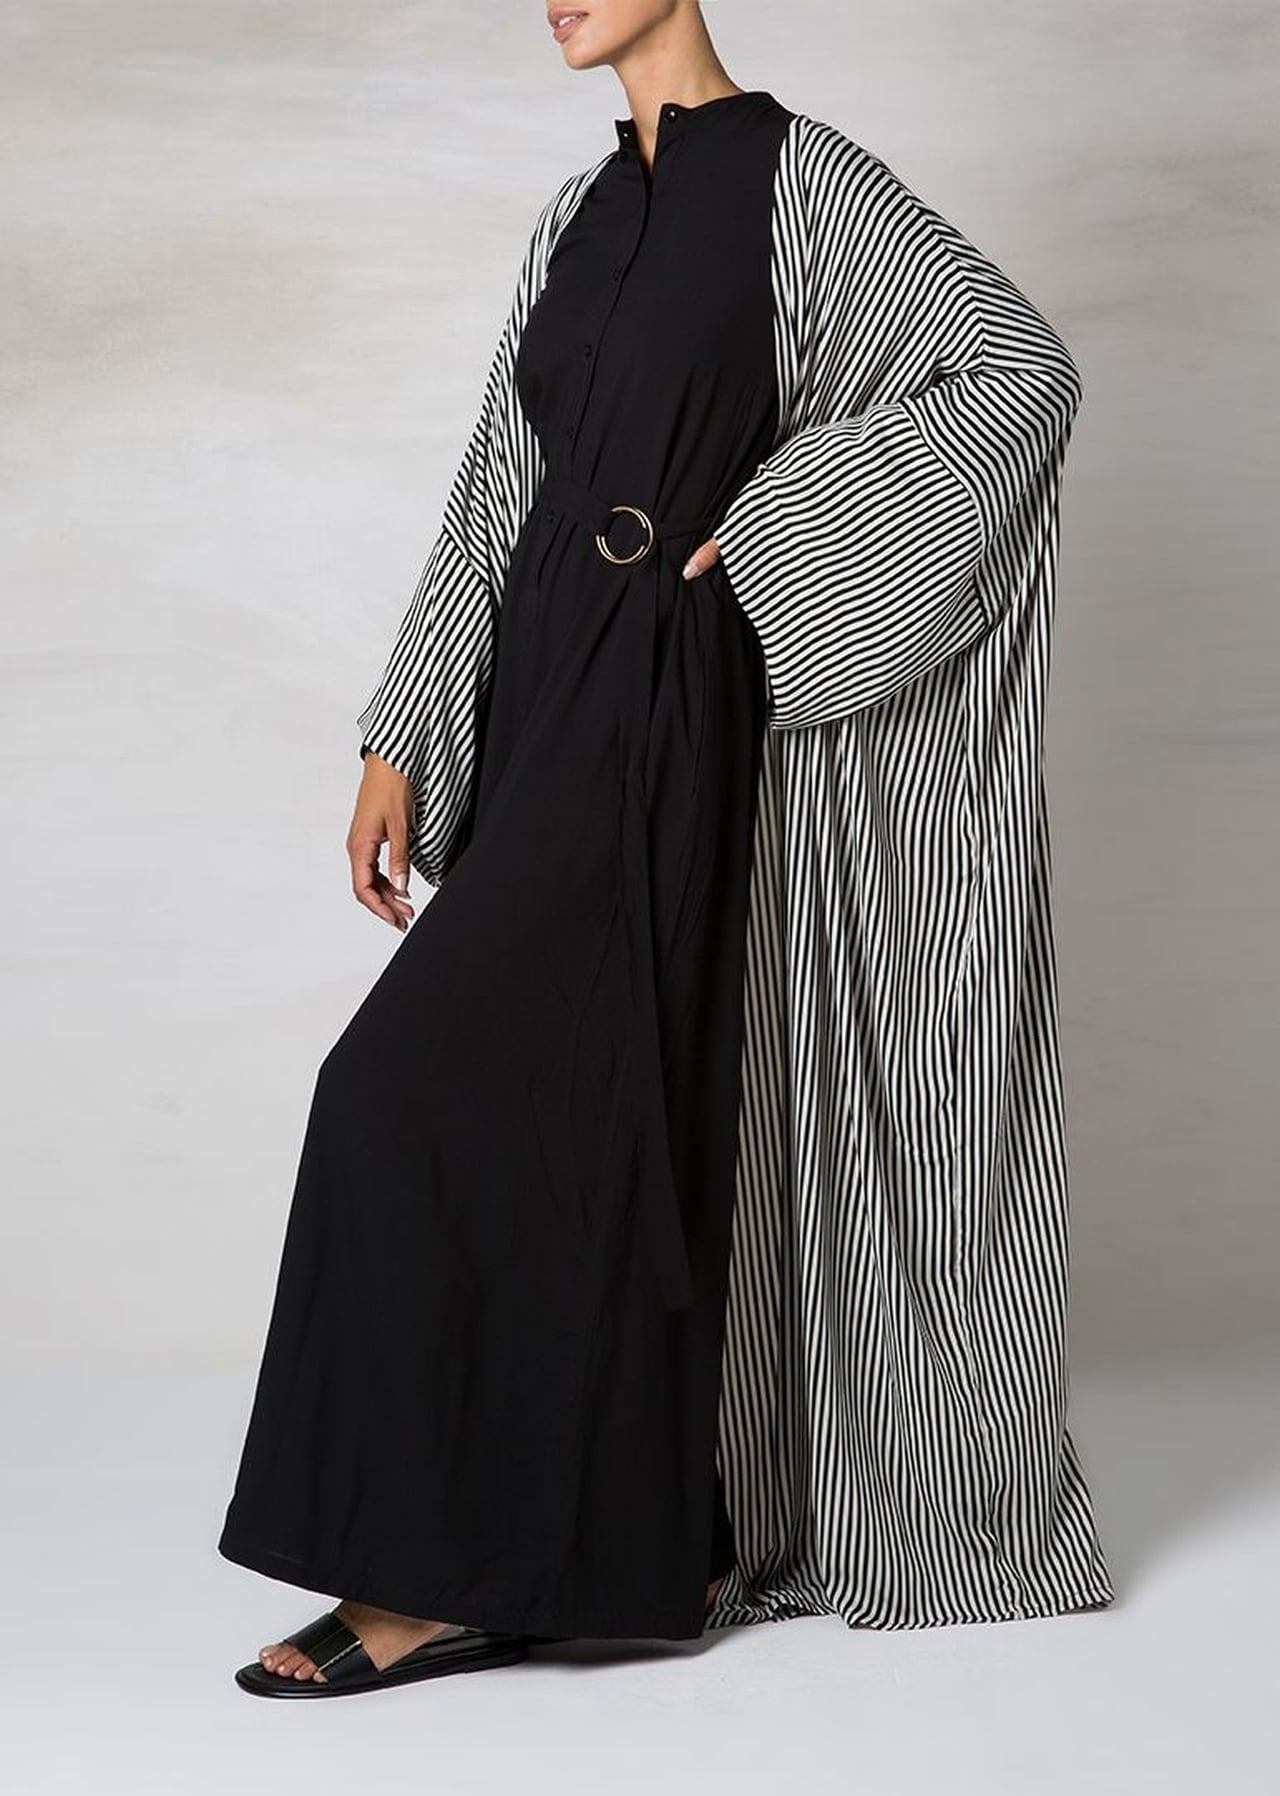 صورة موديلات ملابس , اجدد استايلات الملابس الحديثة 3942 6